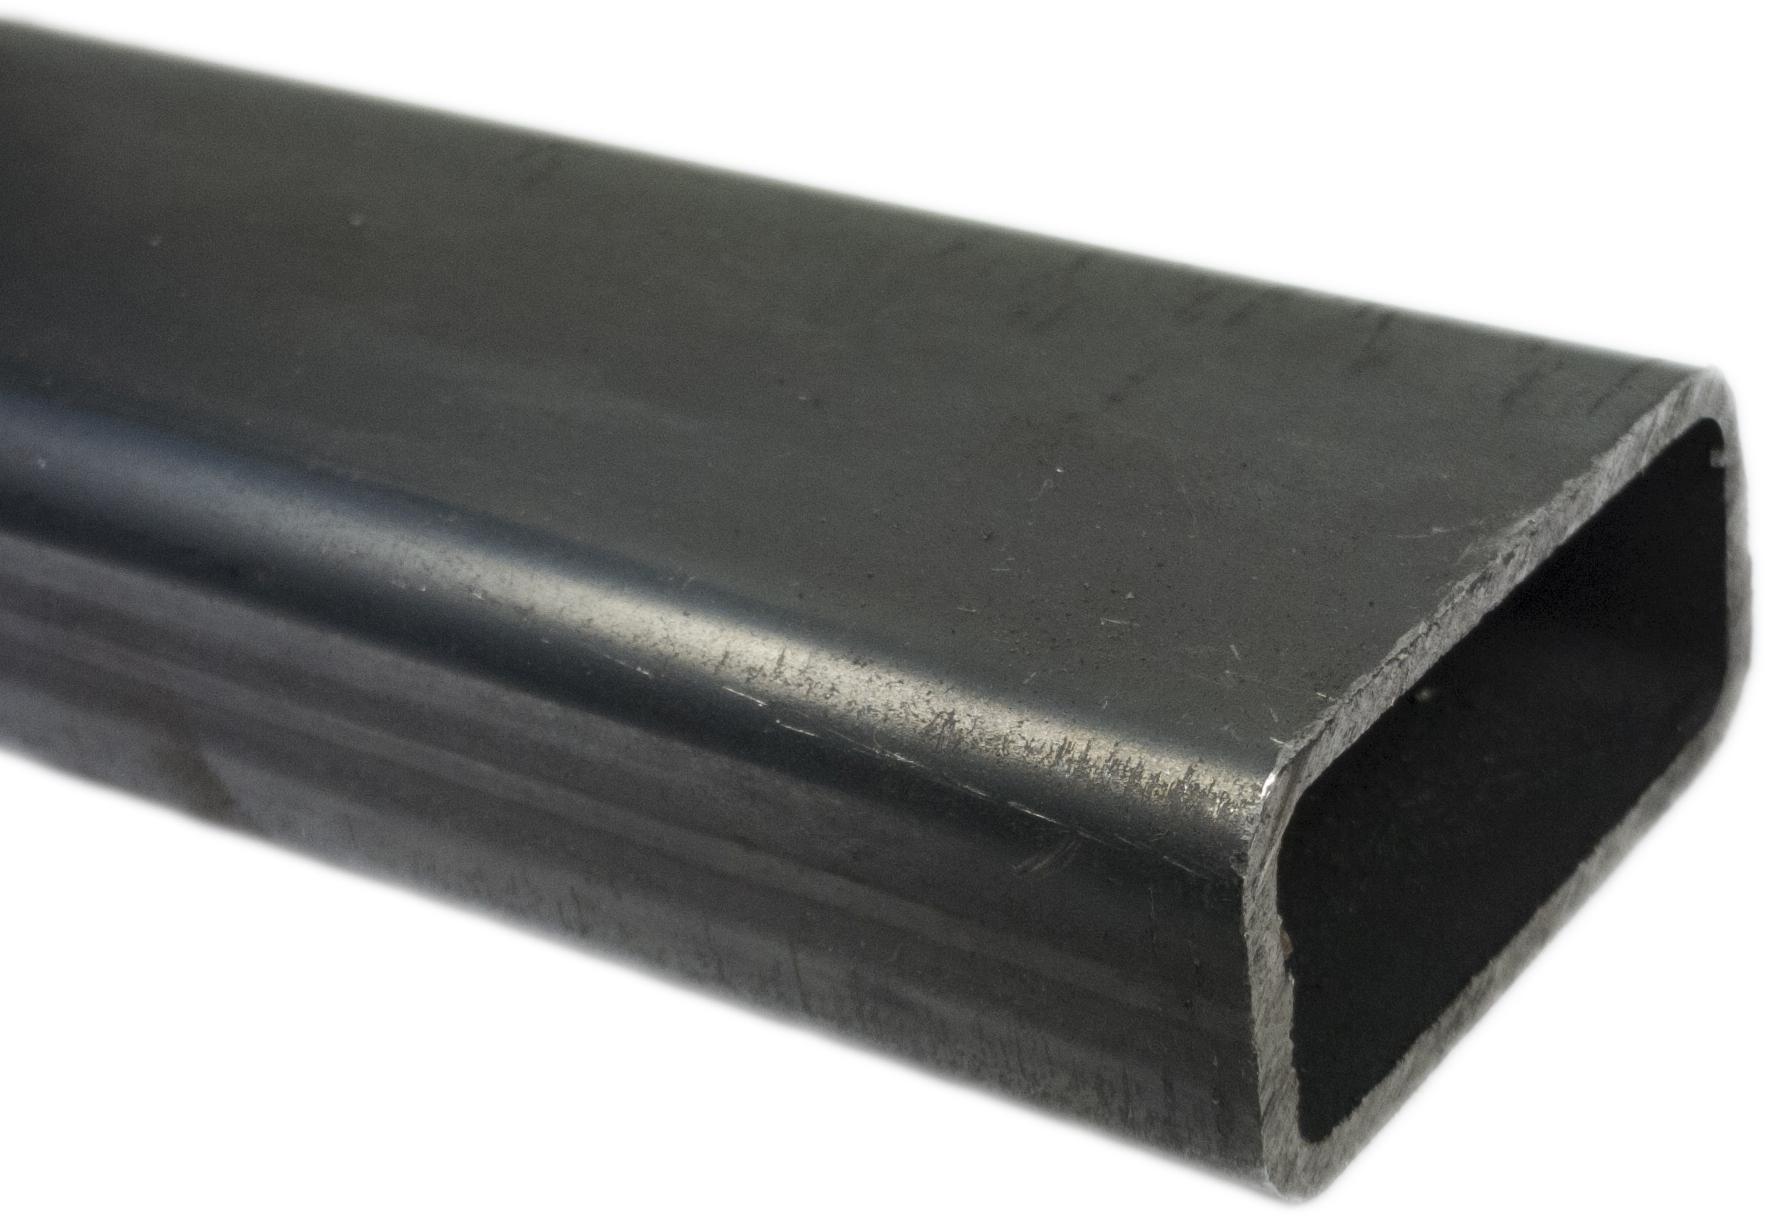 Profil stalowy zamknięty 40x20x2 długość 2000mm